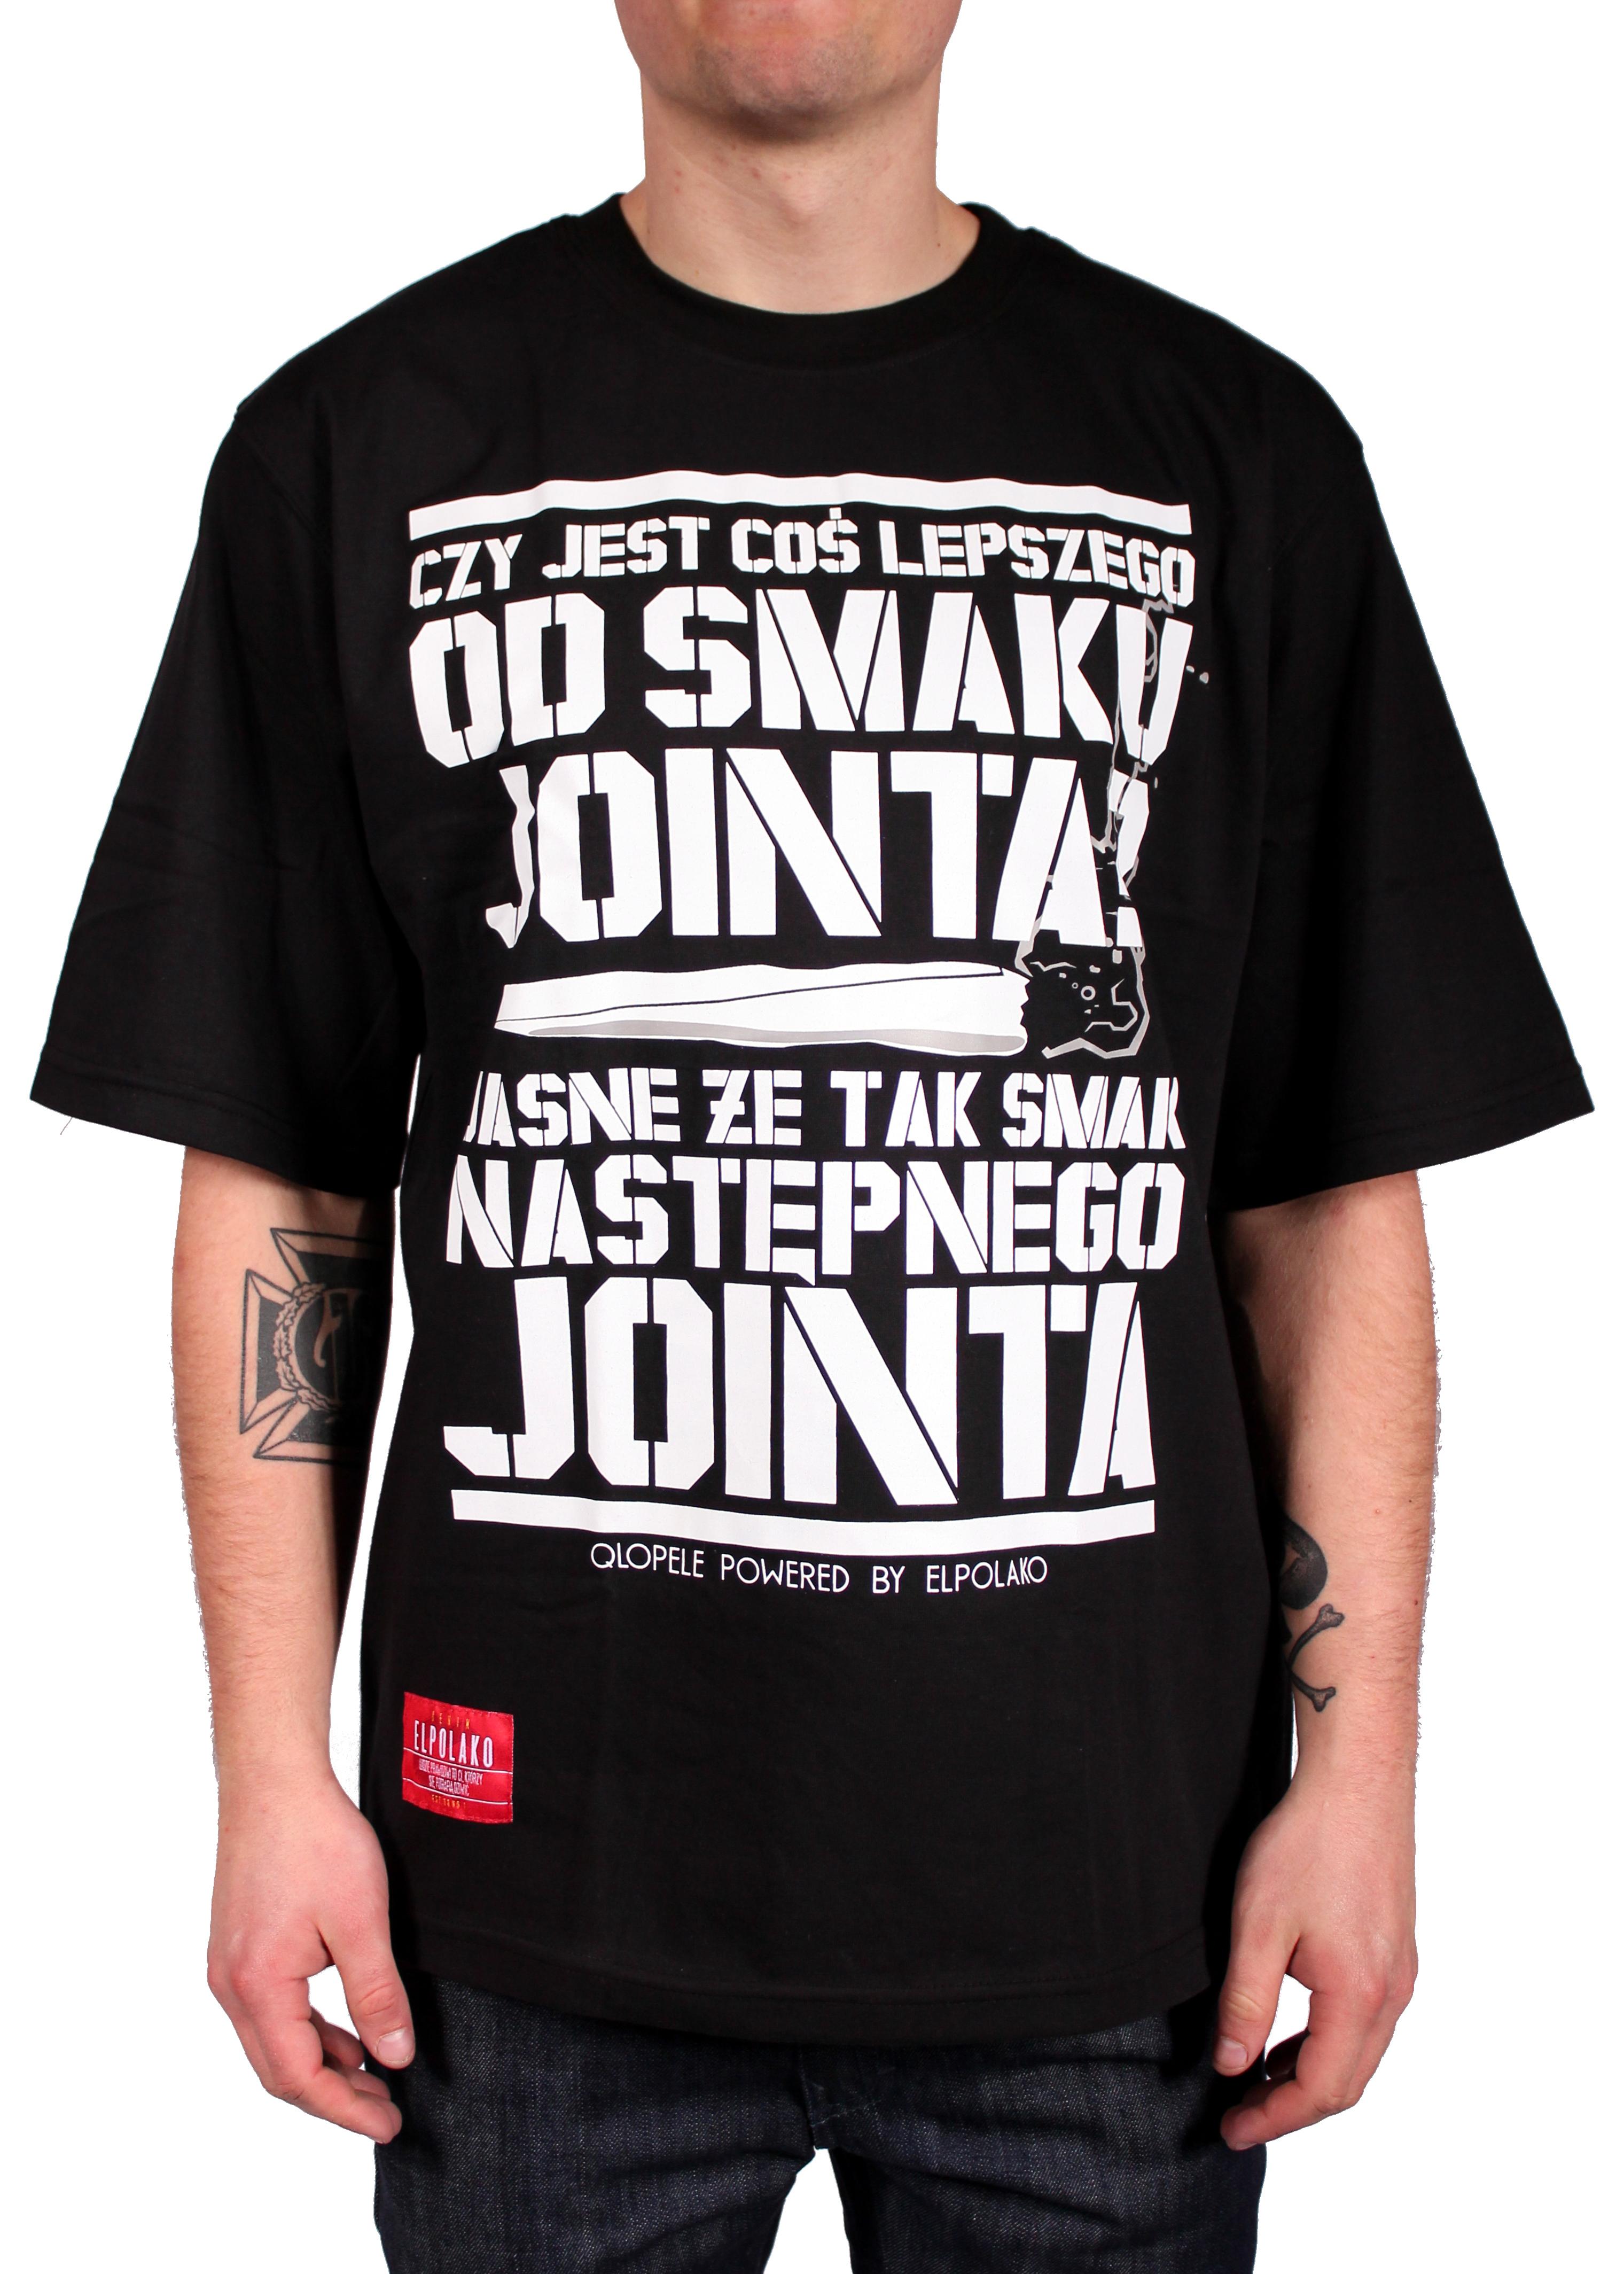 Koszulka El Polako Smak Jointa (Black)